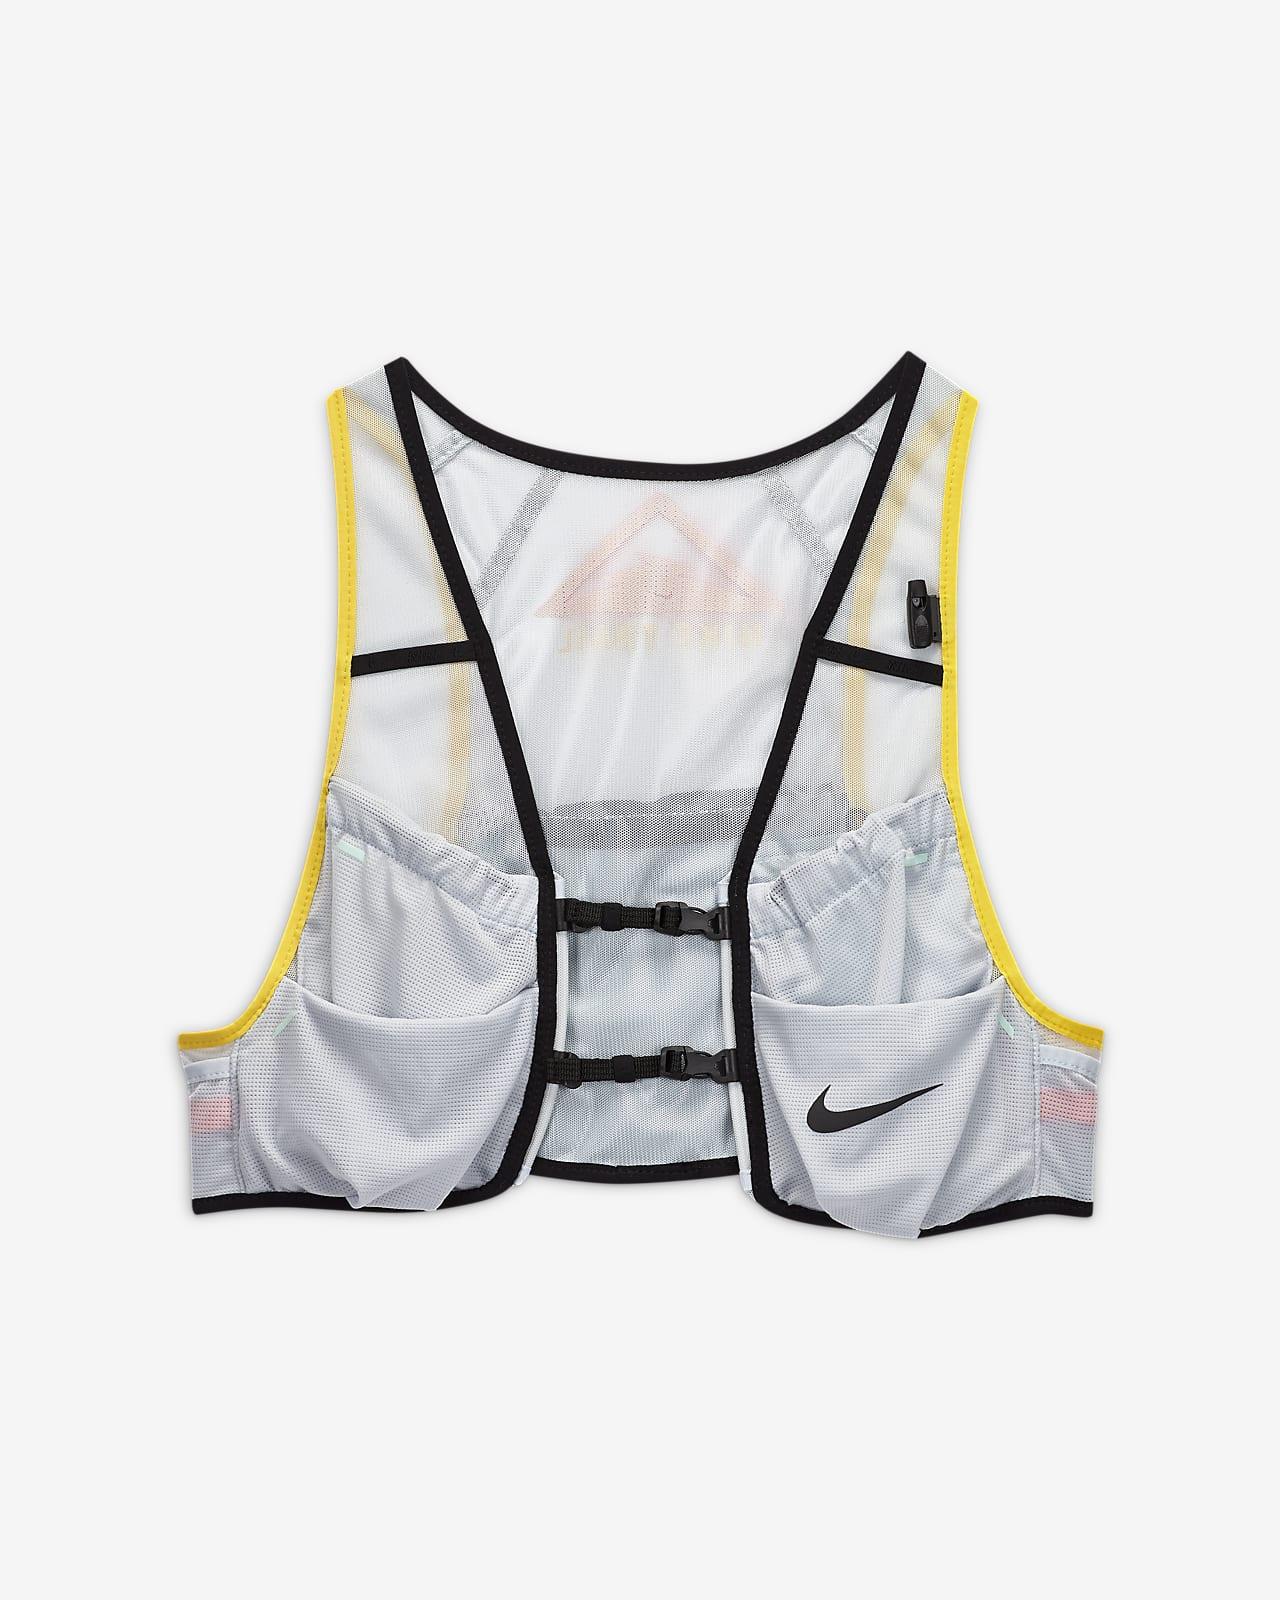 Ανδρικό αμάνικο τζάκετ για τρέξιμο σε μονοπάτι Nike